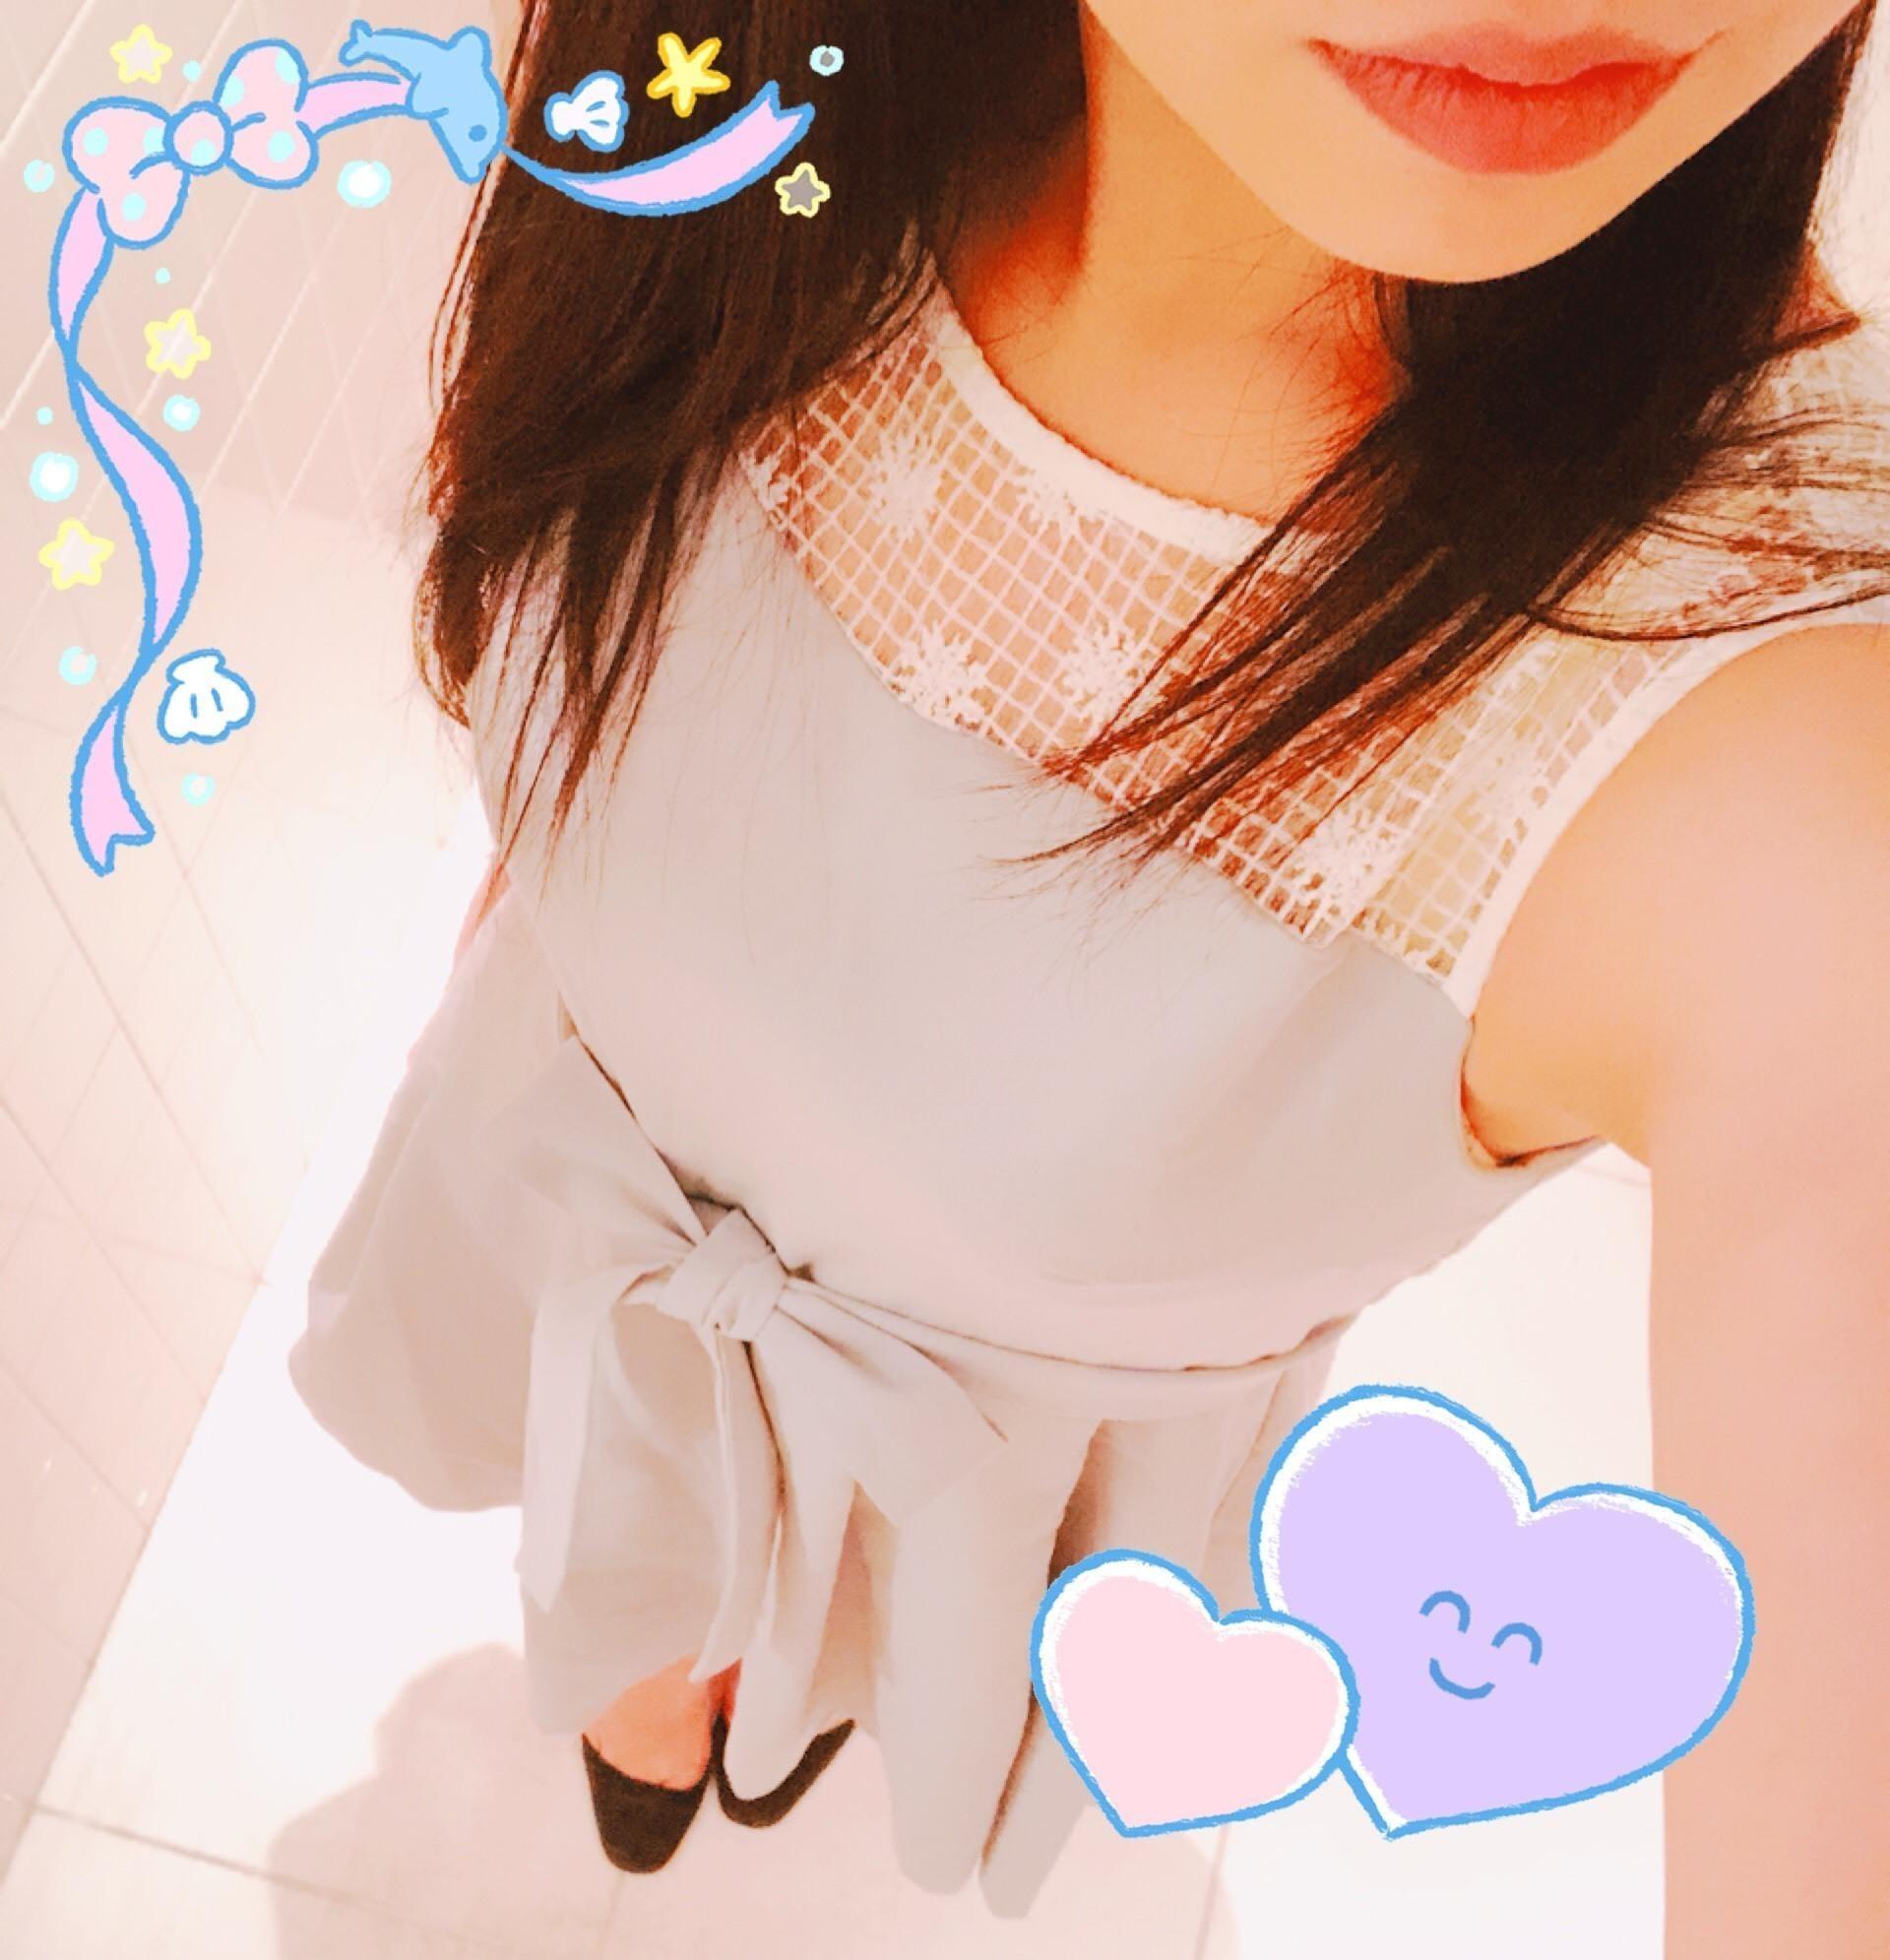 「明日から」08/29(水) 00:57 | きほの写メ・風俗動画